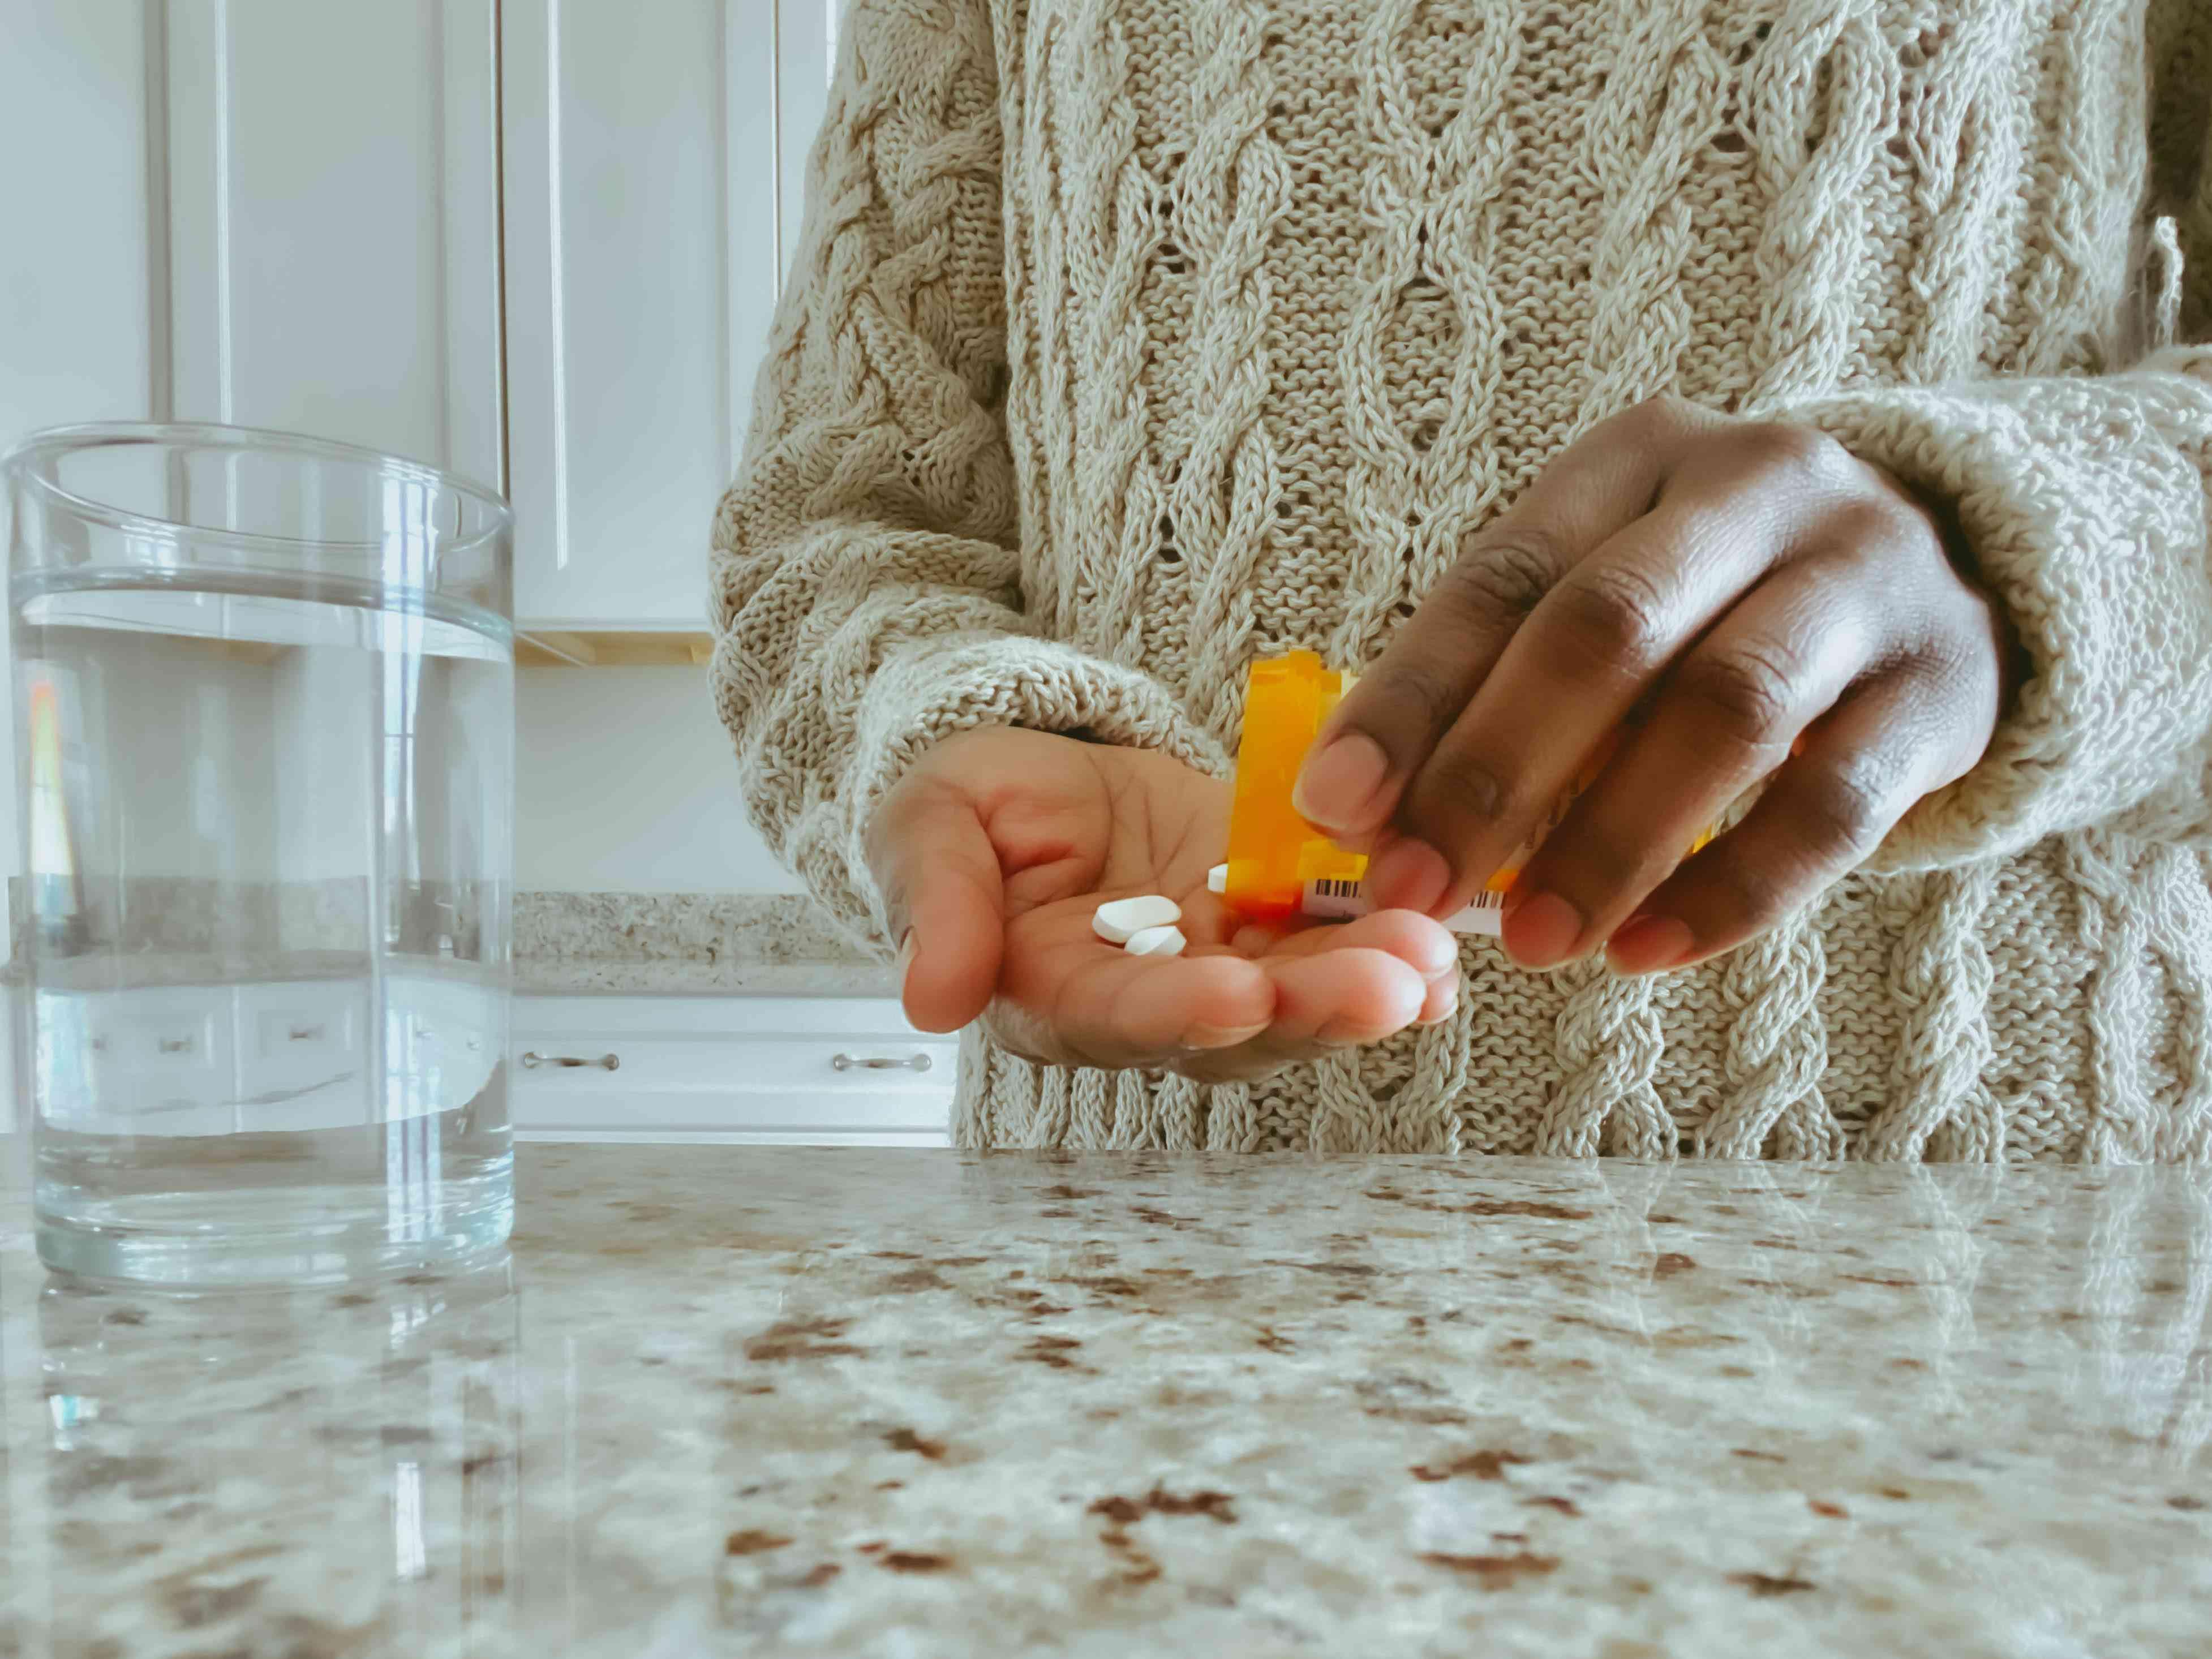 Unrecognizable Woman Pours Pills into Hand from Prescription Bottle